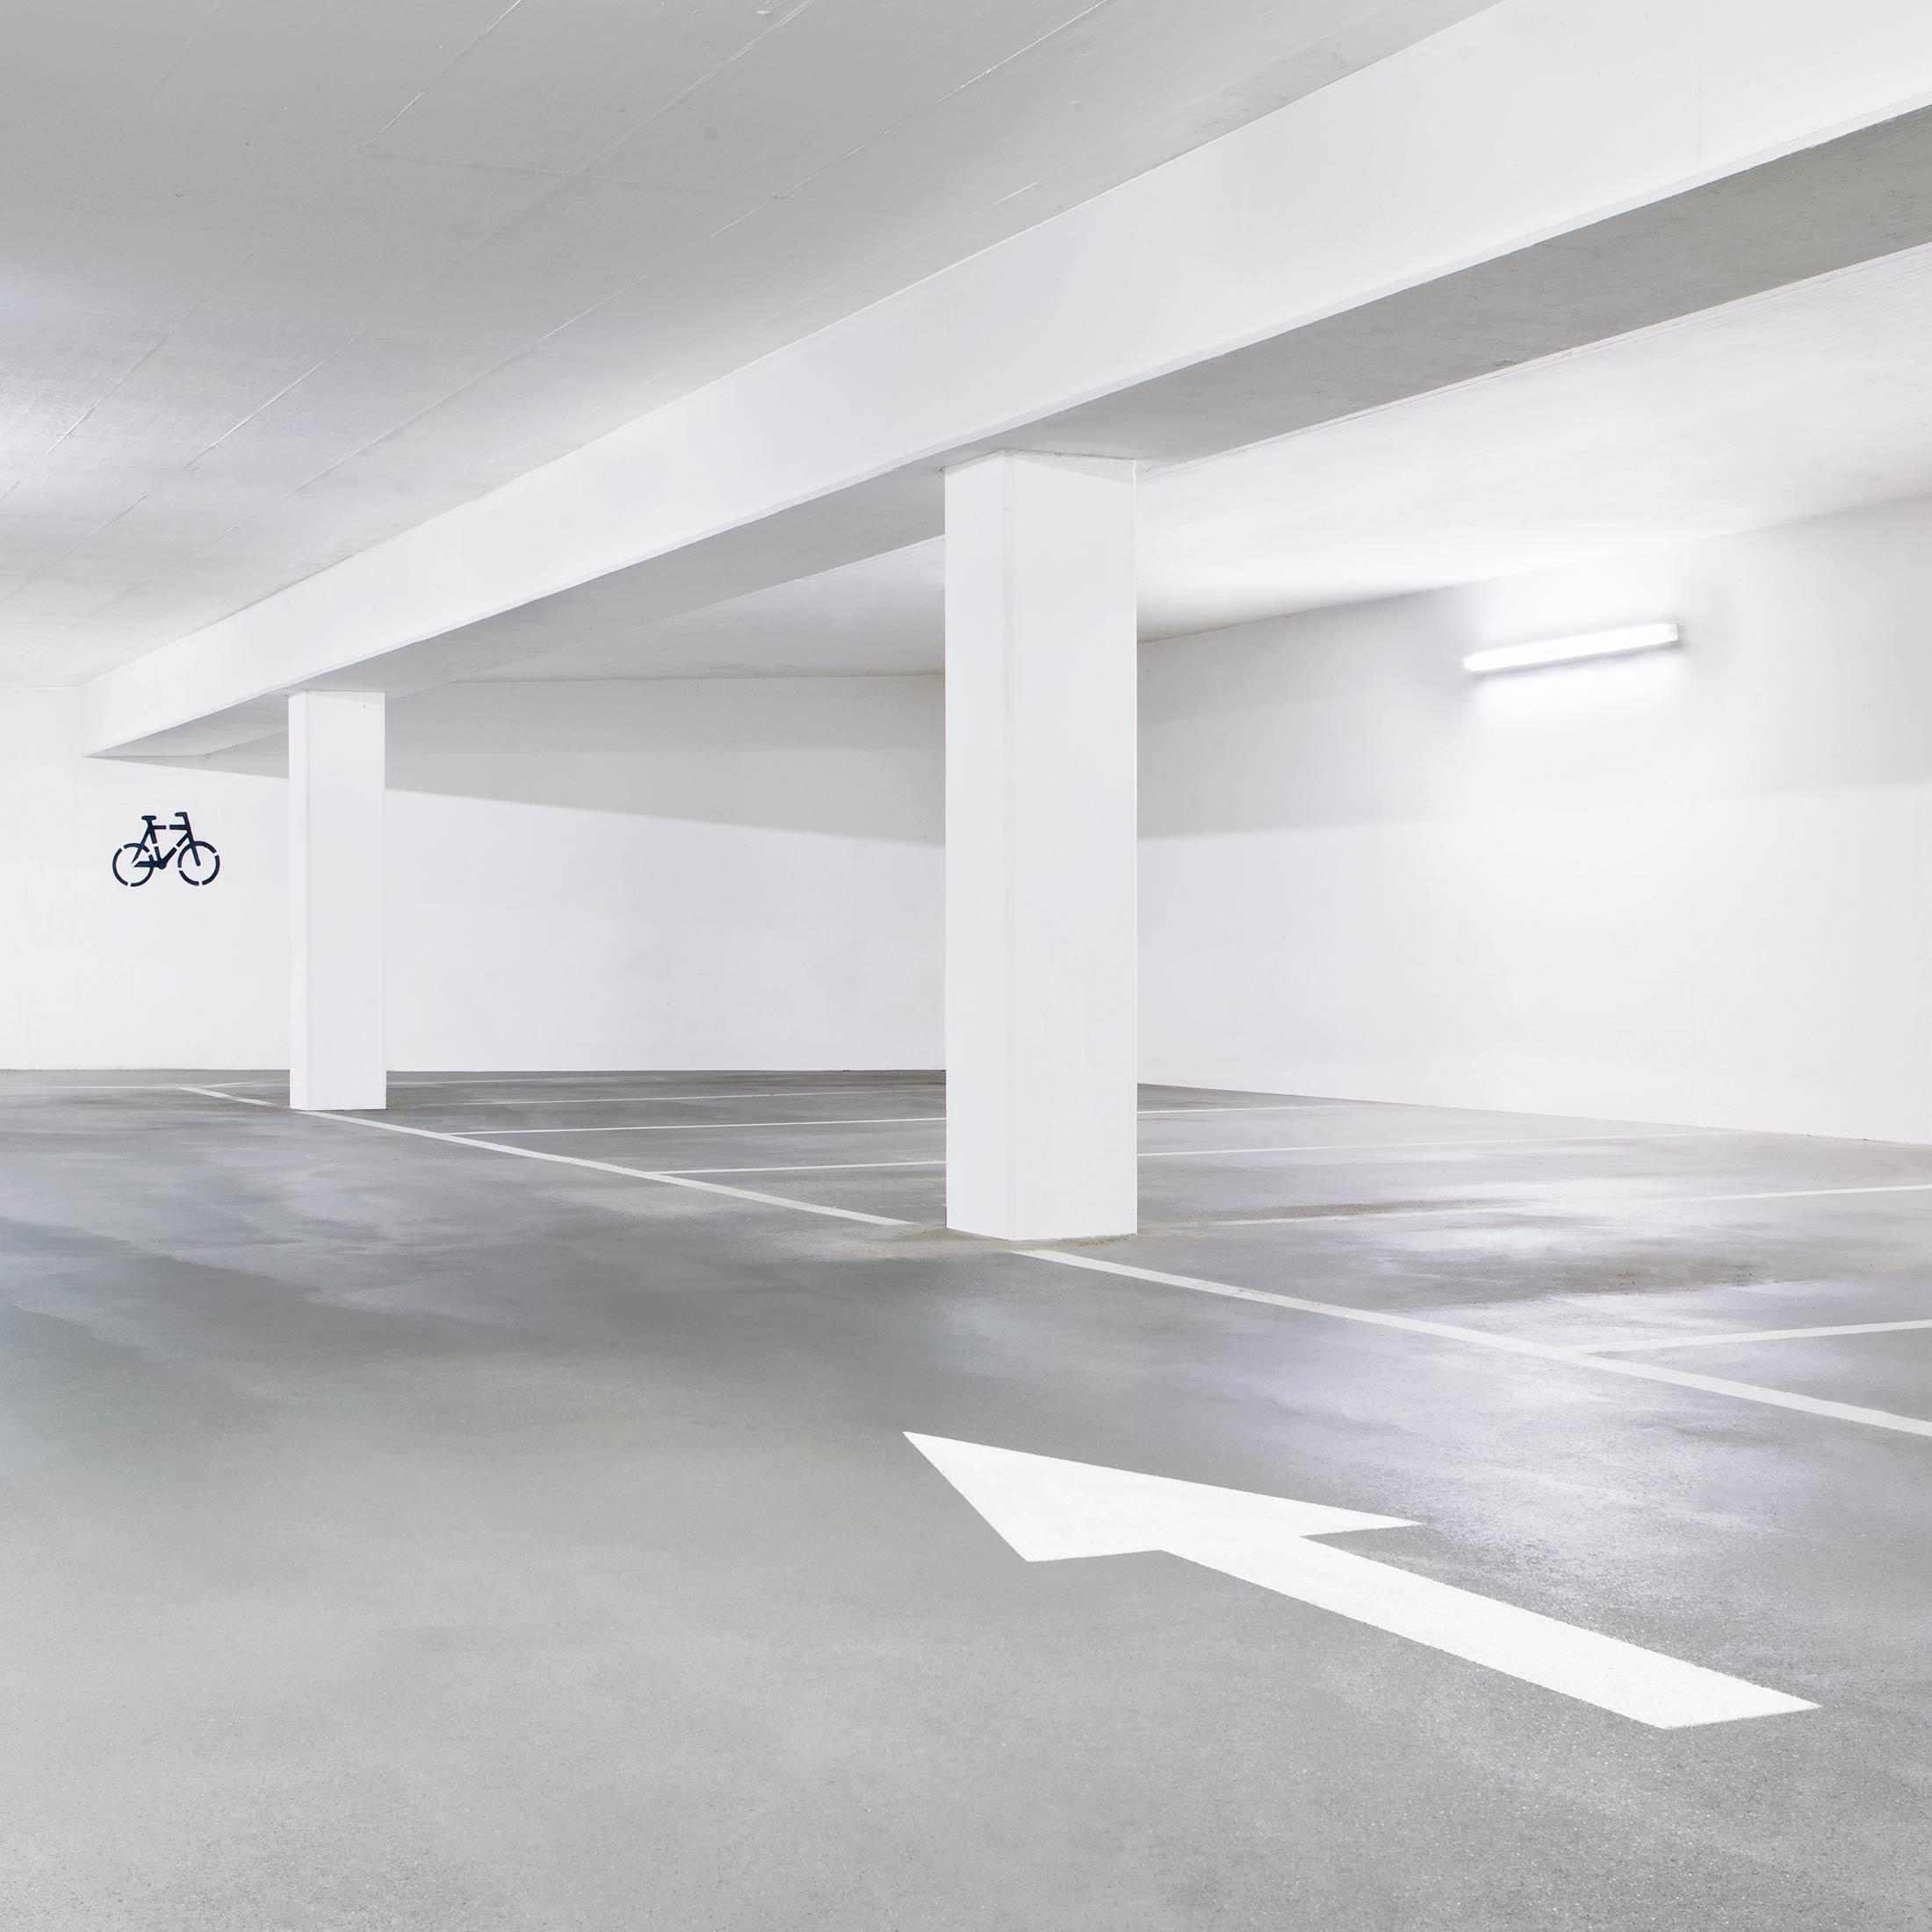 Parkhaus_05-Mitja_Schneehage